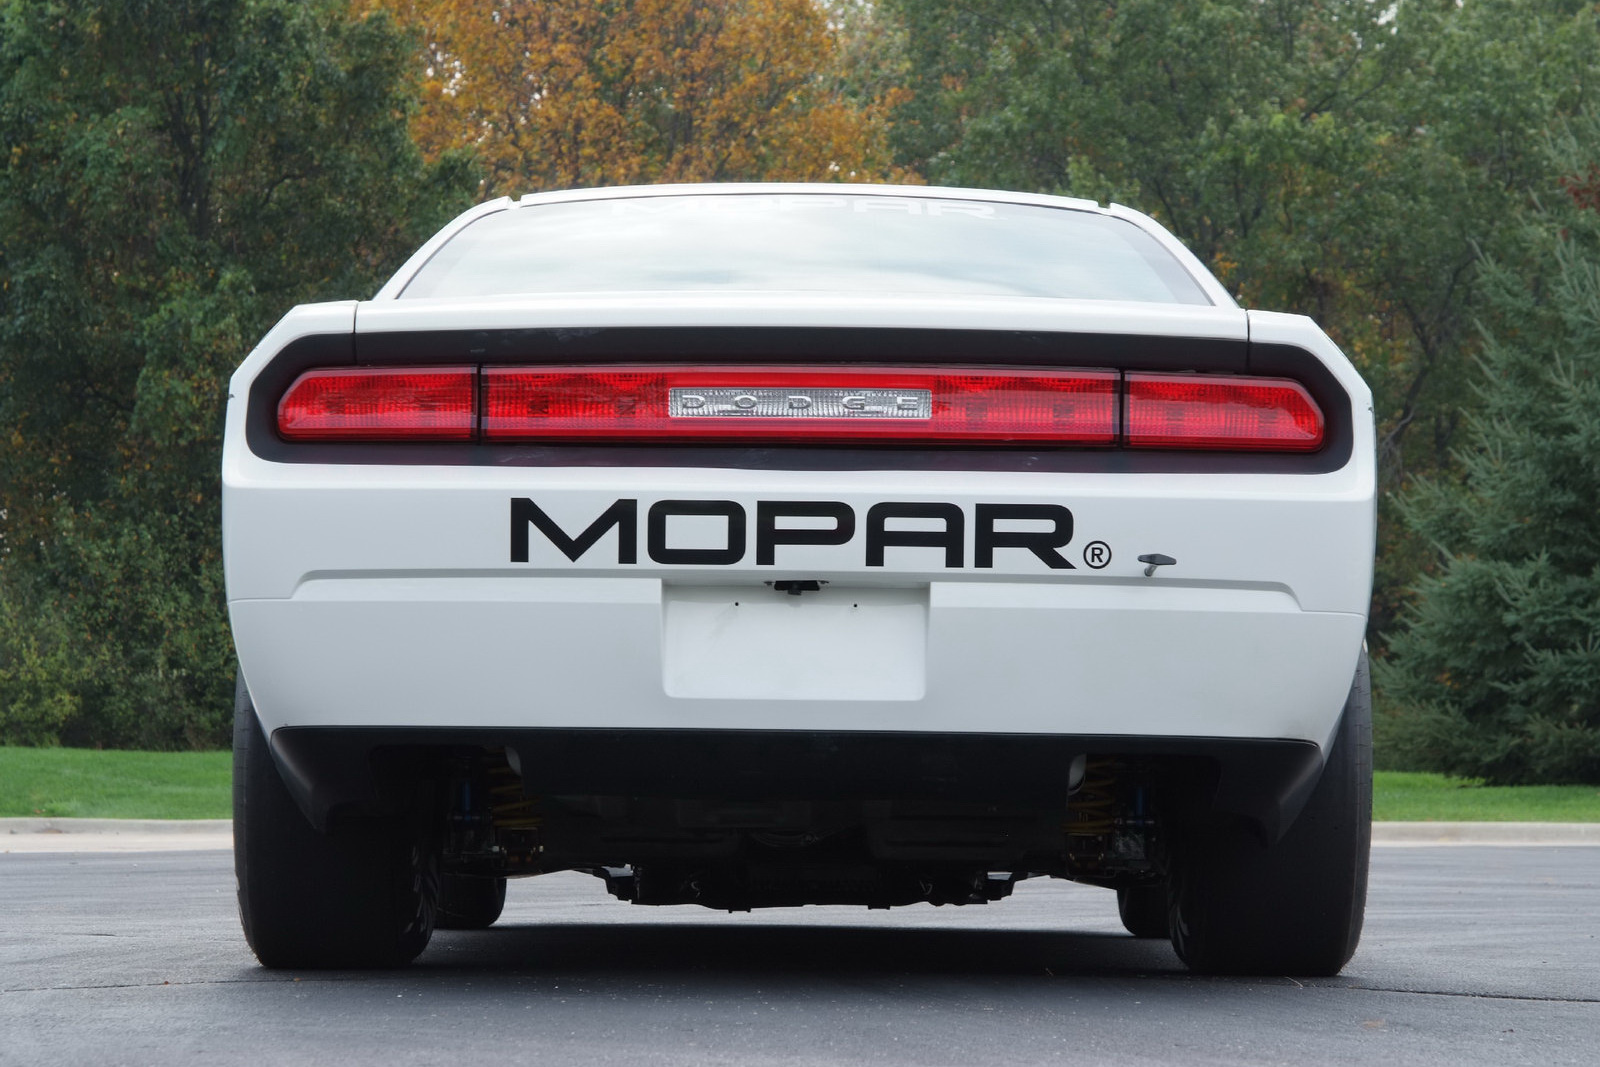 2011 Dodge Challenger Drag Pak Receives Viper Engine